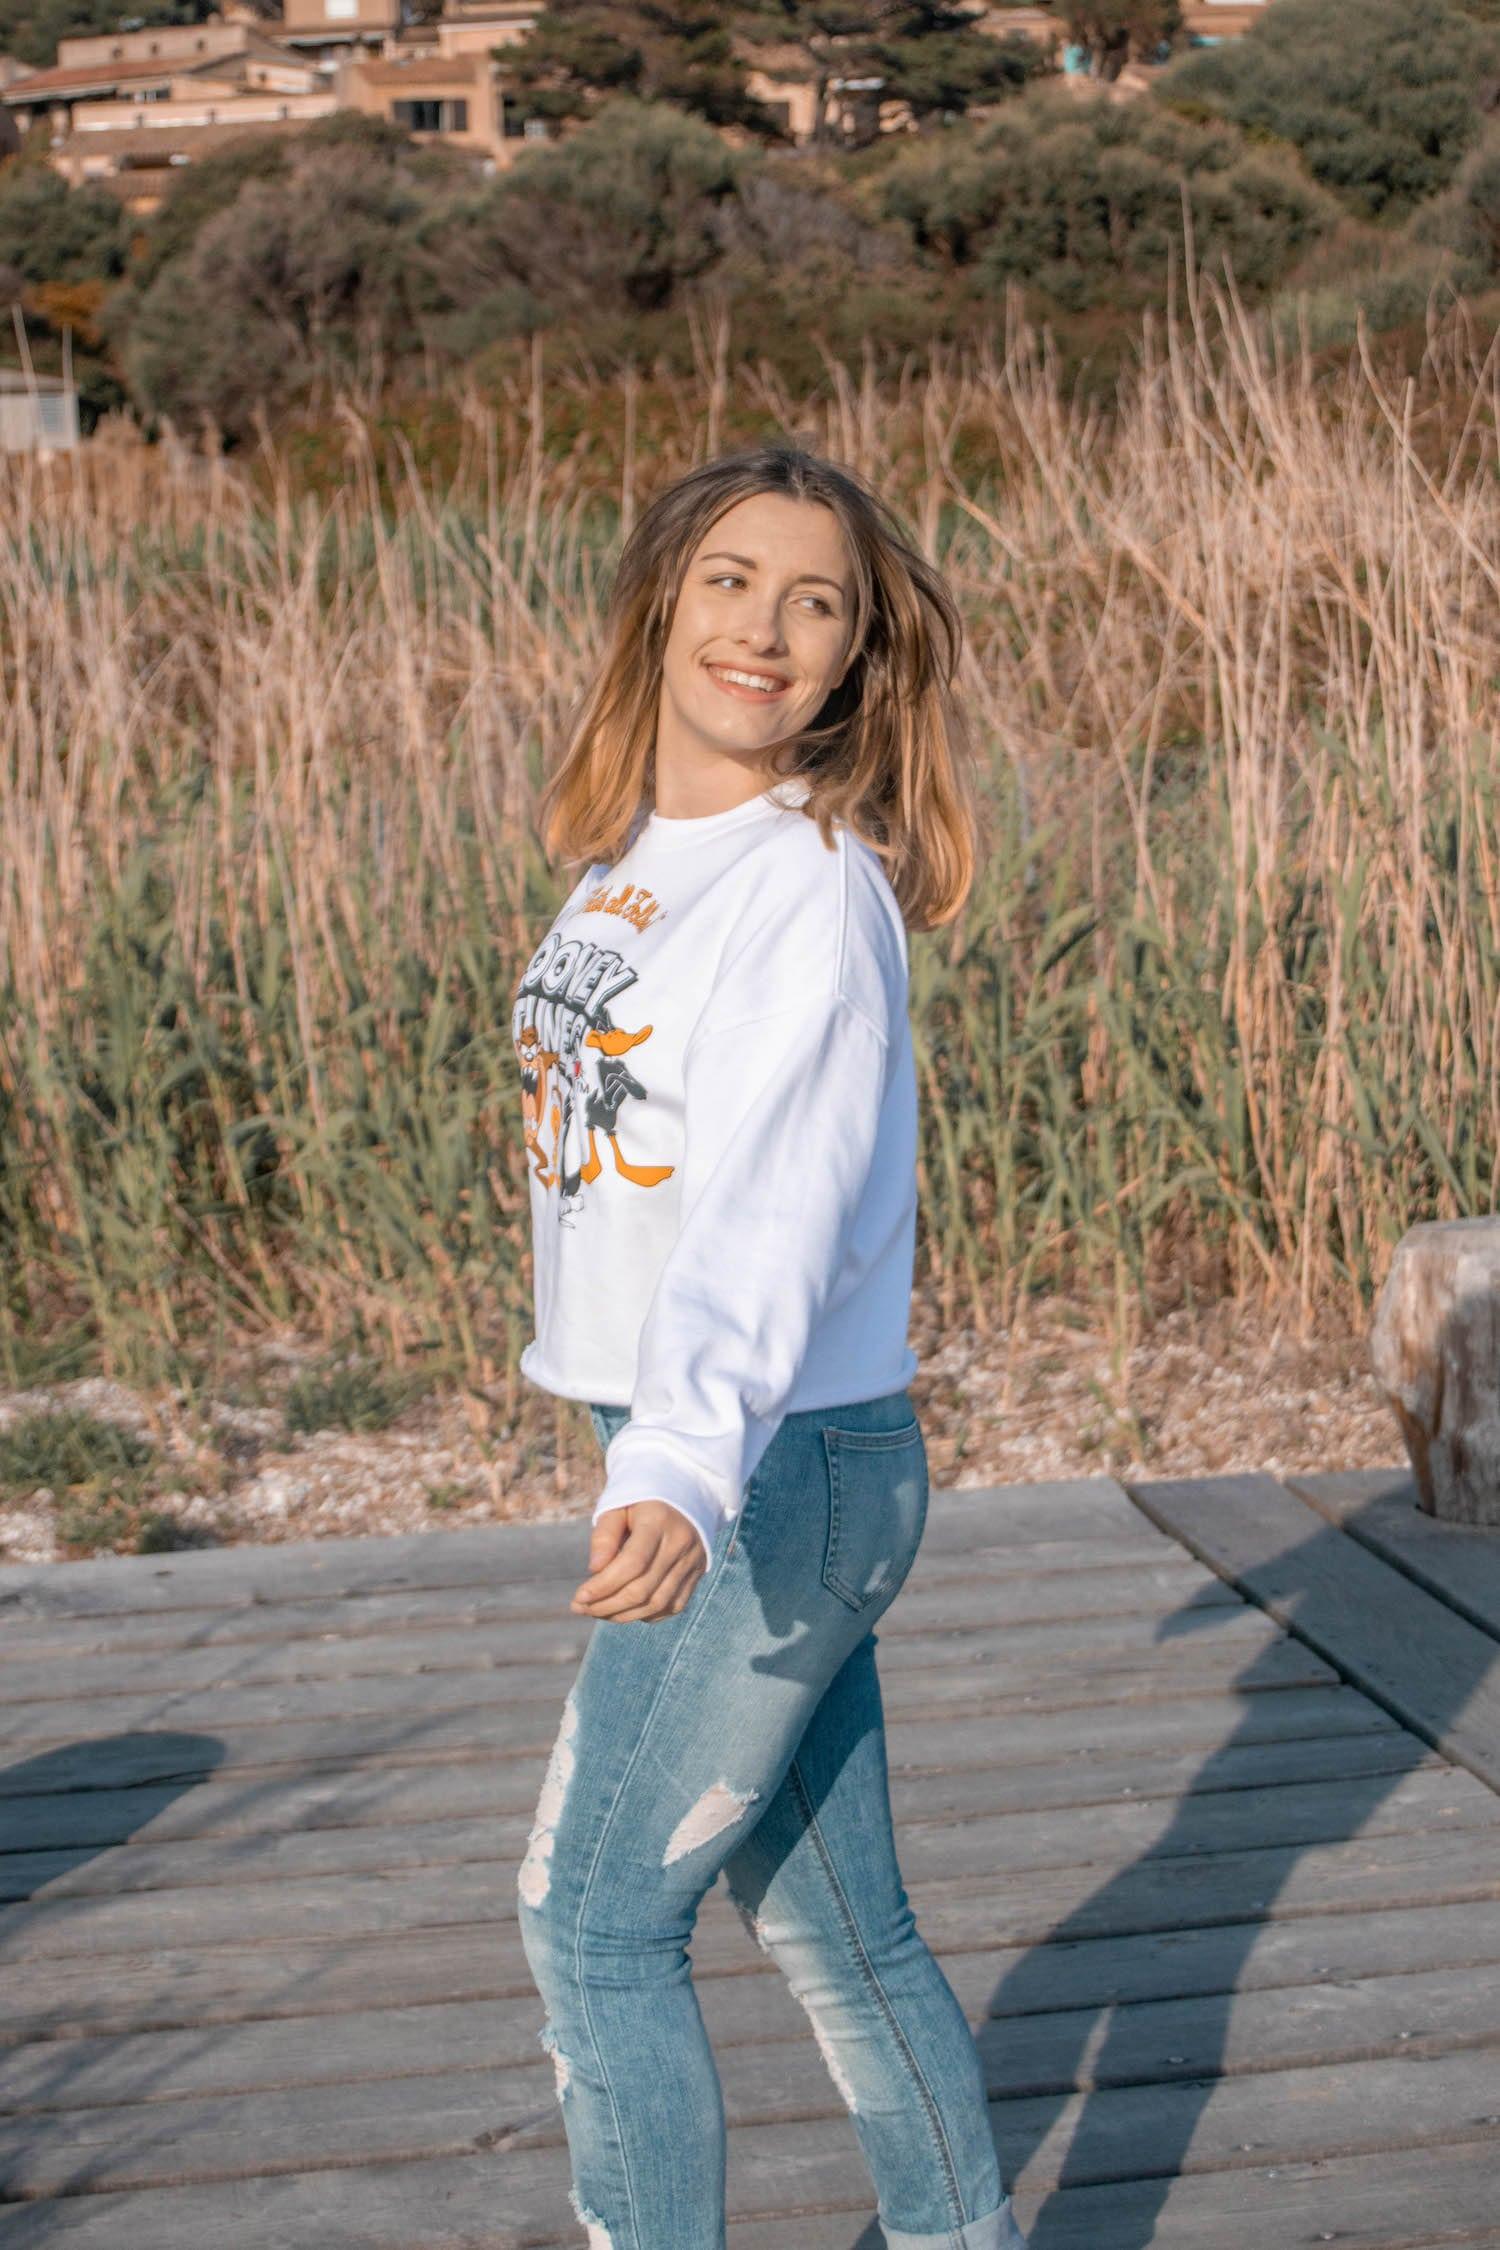 Comment porter le sweat au printemps ? Nouvelle tenue sur mon blog avec mon sweat crop-top Undiz mon jean troué taille haute H&M et mes baskets Fila blanche Disruptor II Patches - happinesscoco.com